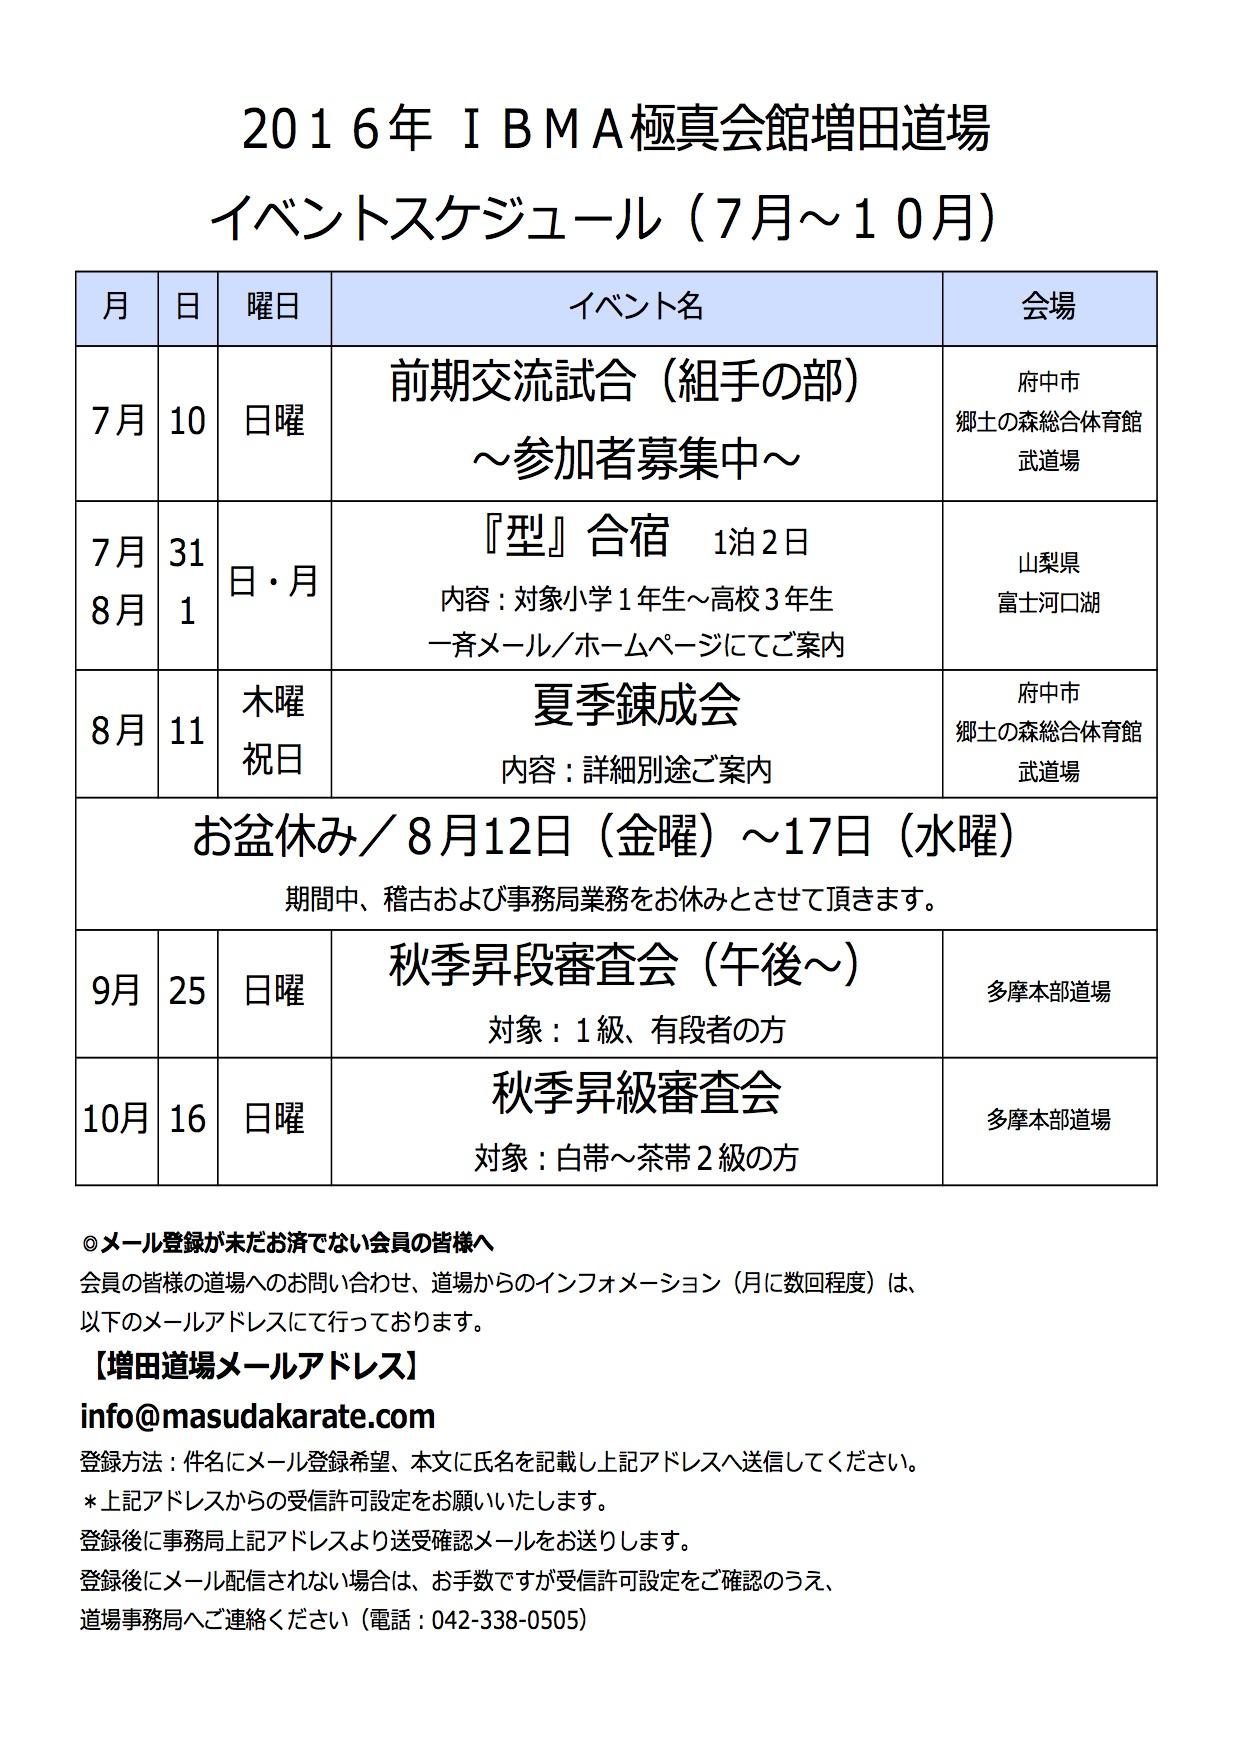 行事予定/配布掲示用/7月